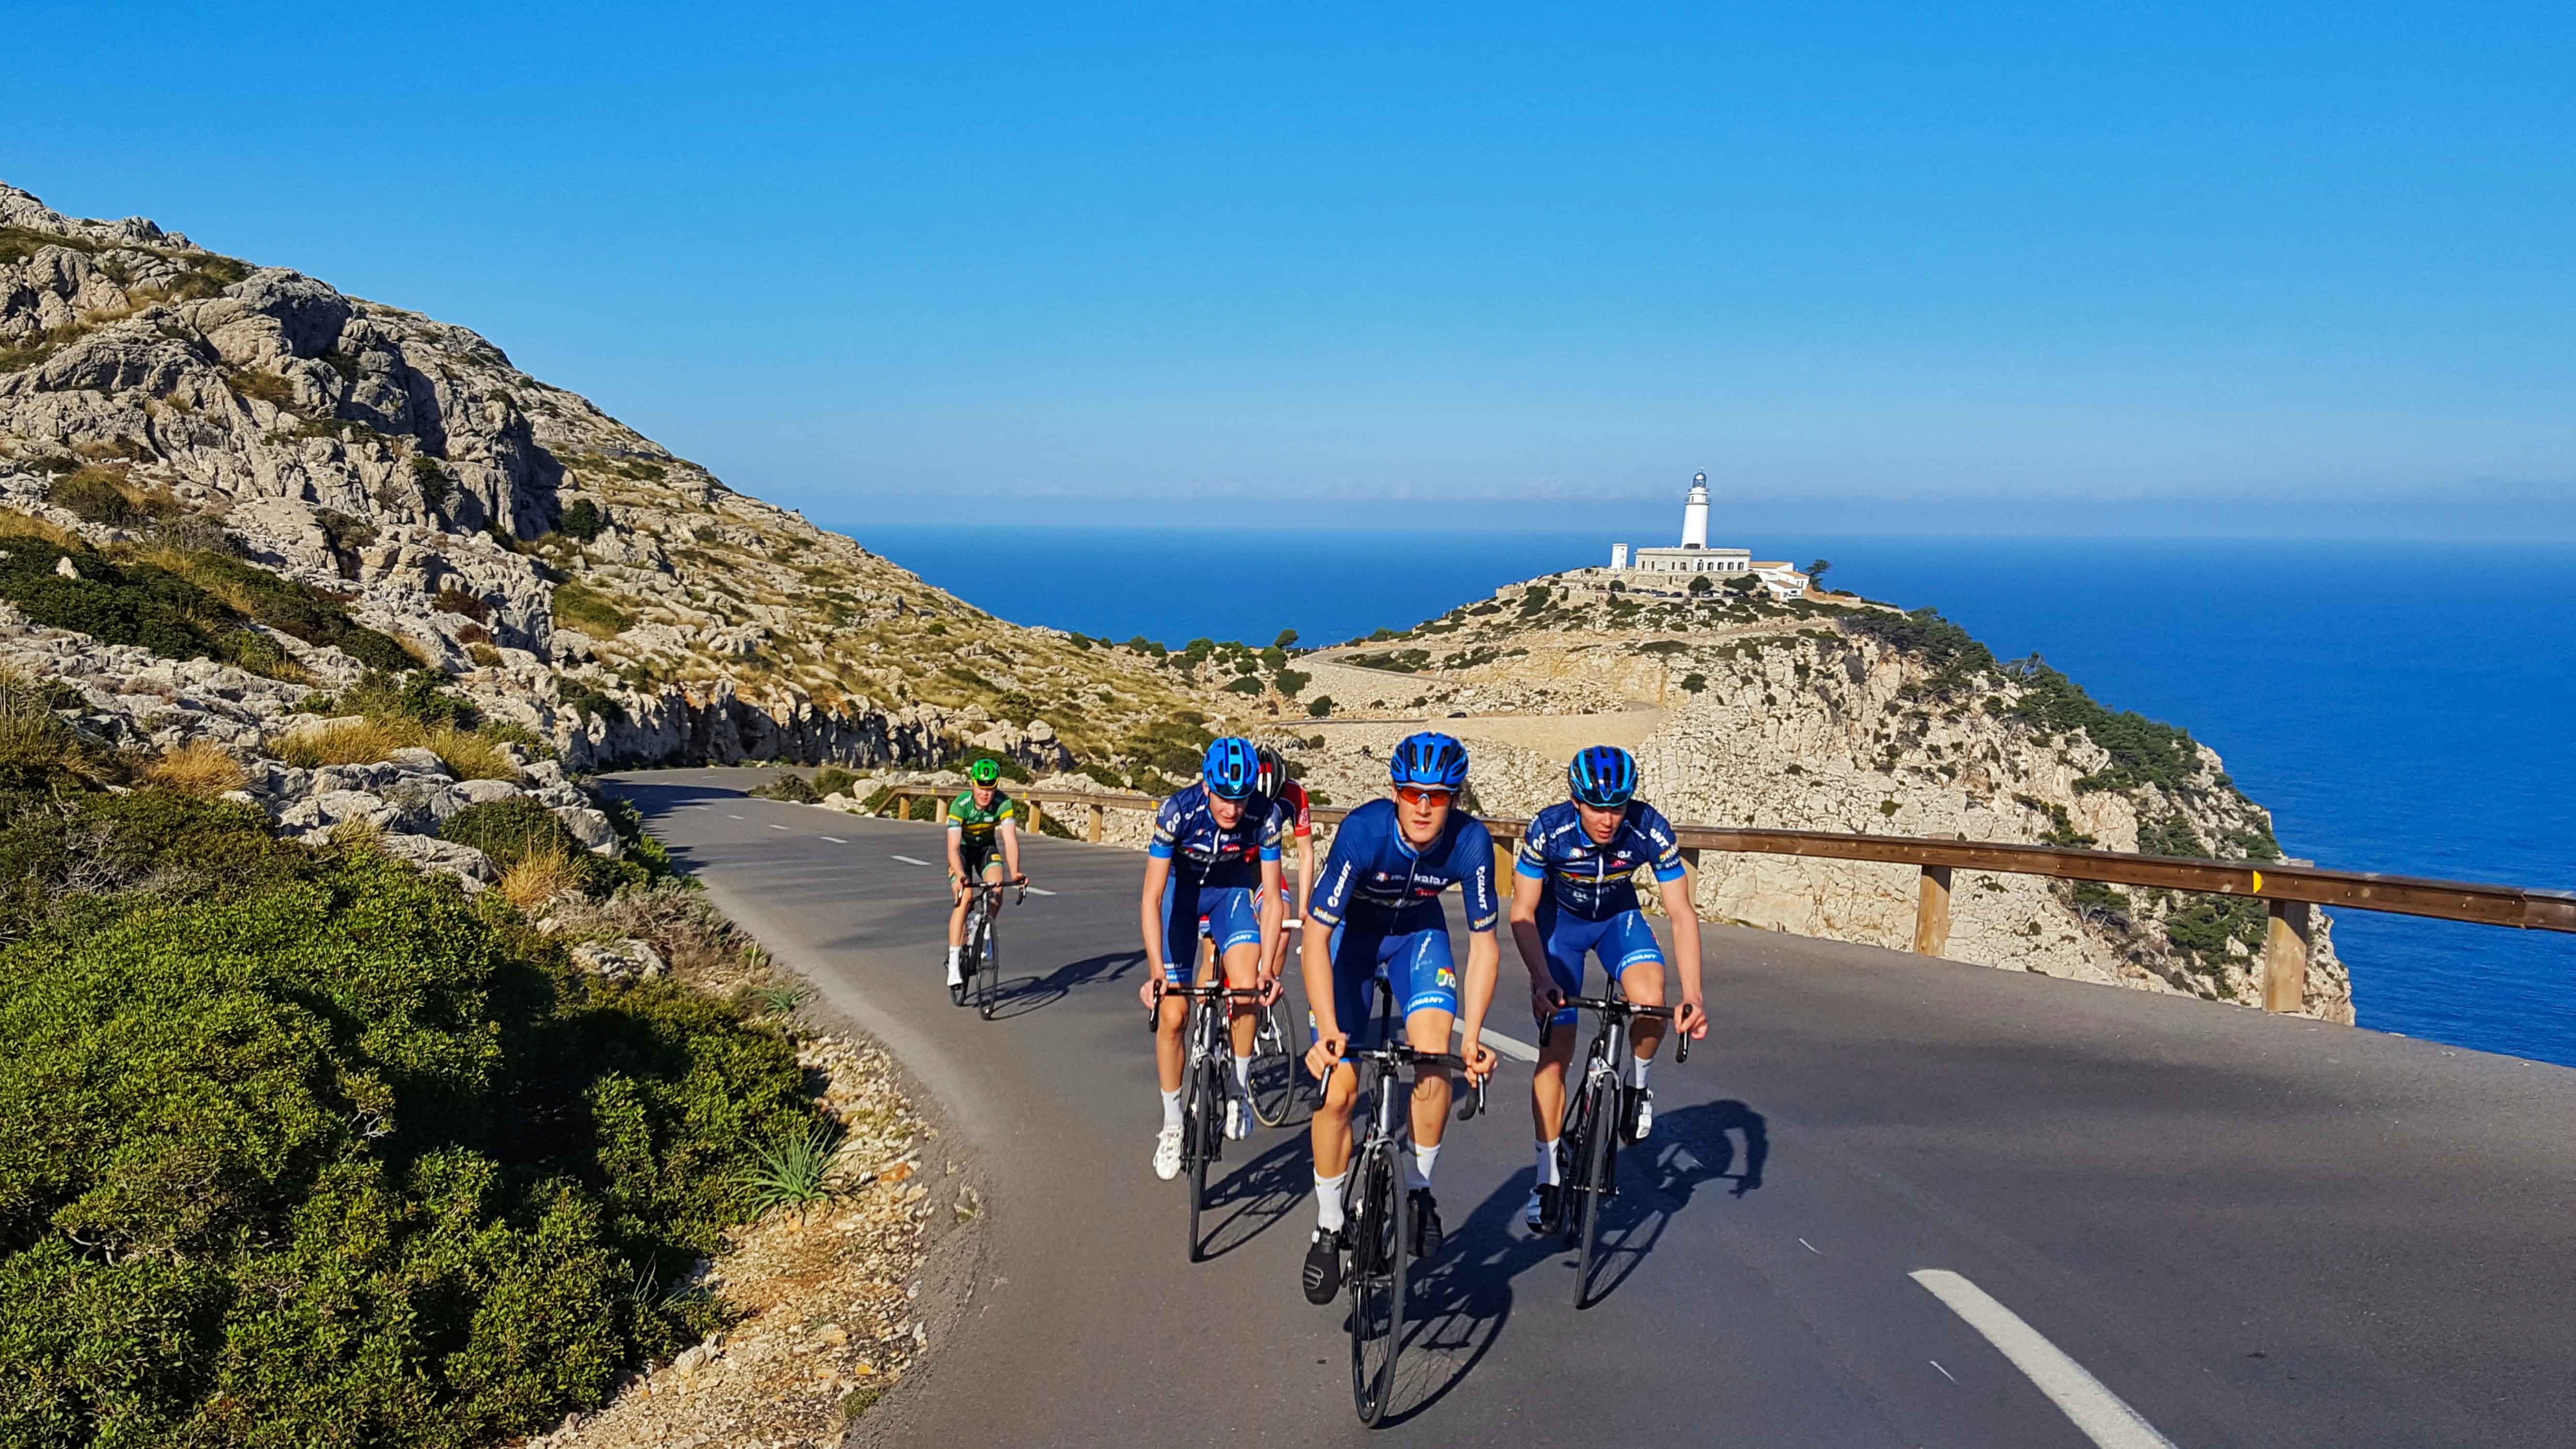 Skinnet bedrar: Det ser kanskje behagelig ut å drive vintertrening på idylliske Mallorca, men her legges det ned timer med blodslit. Foto: Carl Fredrik Hagen